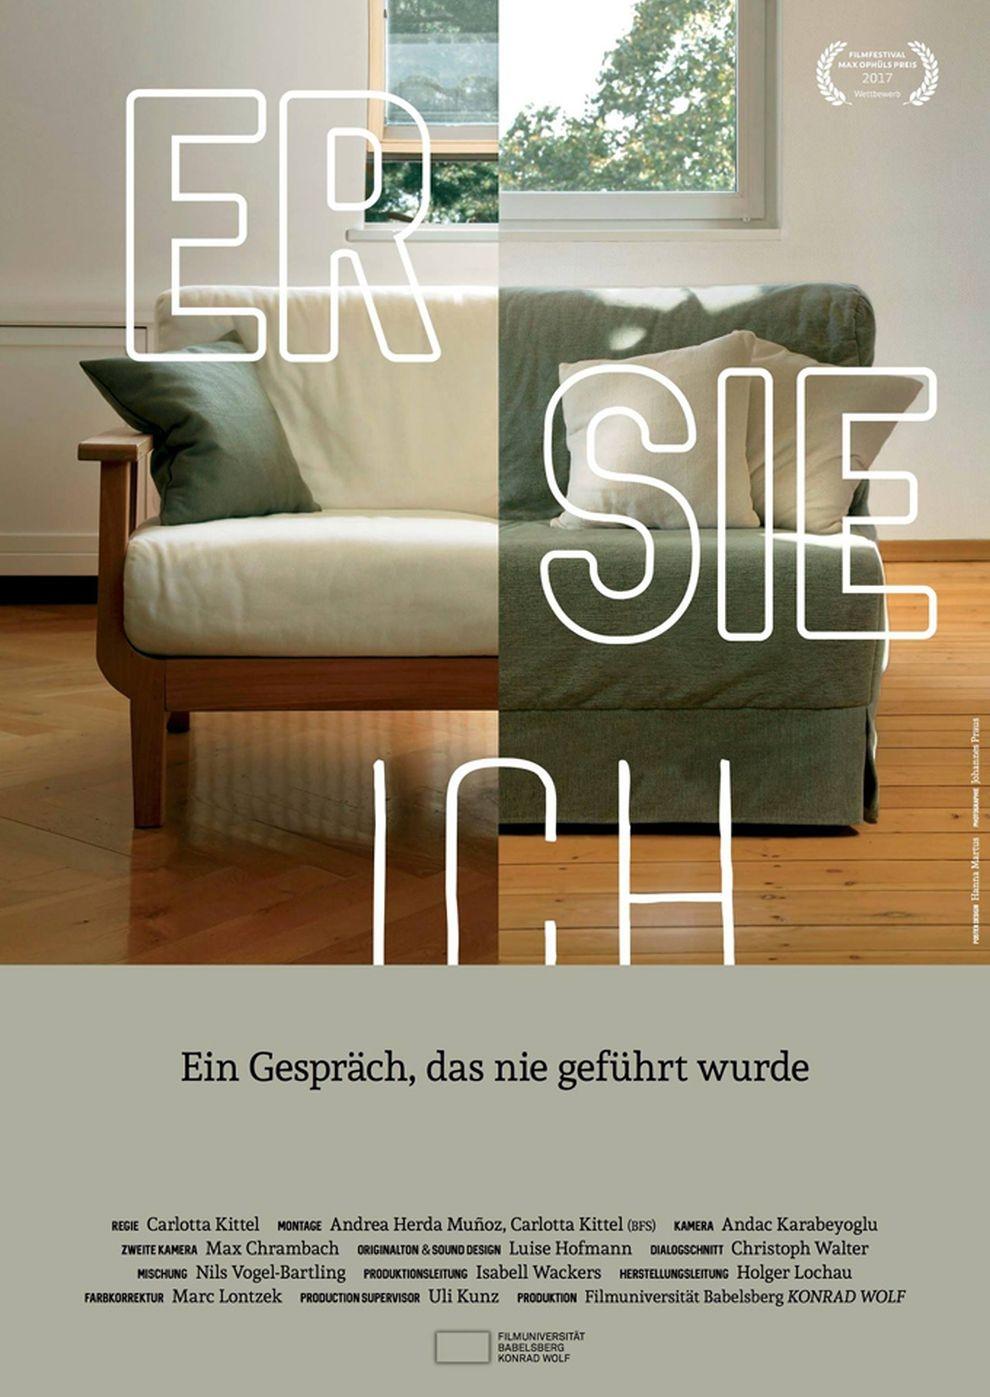 Er Sie Ich (Poster)